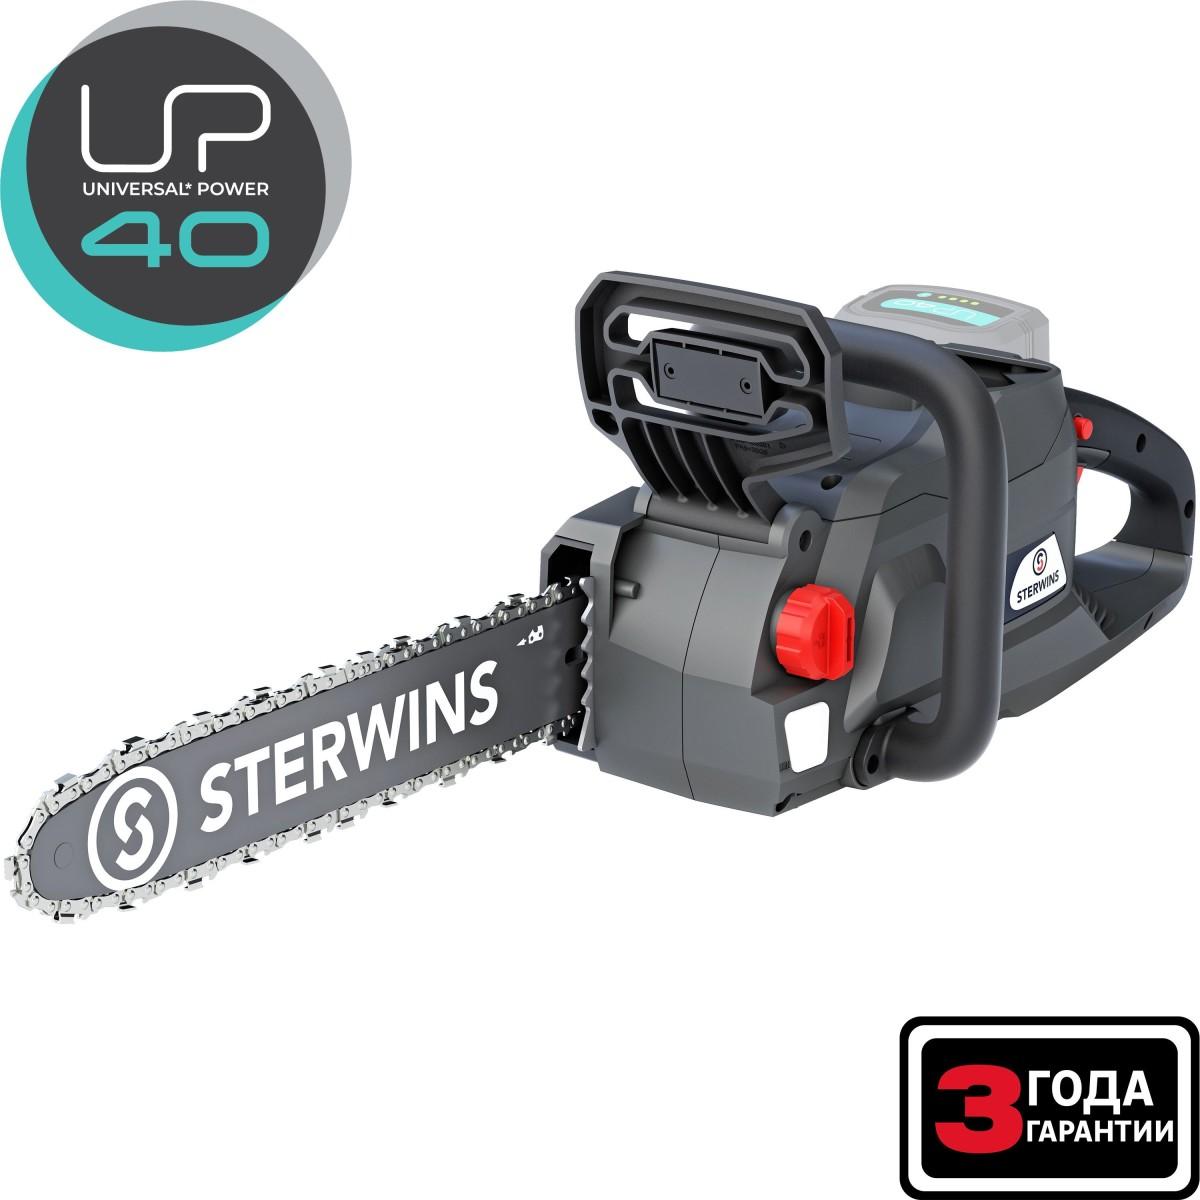 Пила цепная аккумуляторная Sterwins 40 В шина 45 см (без АКБ и ЗУ)